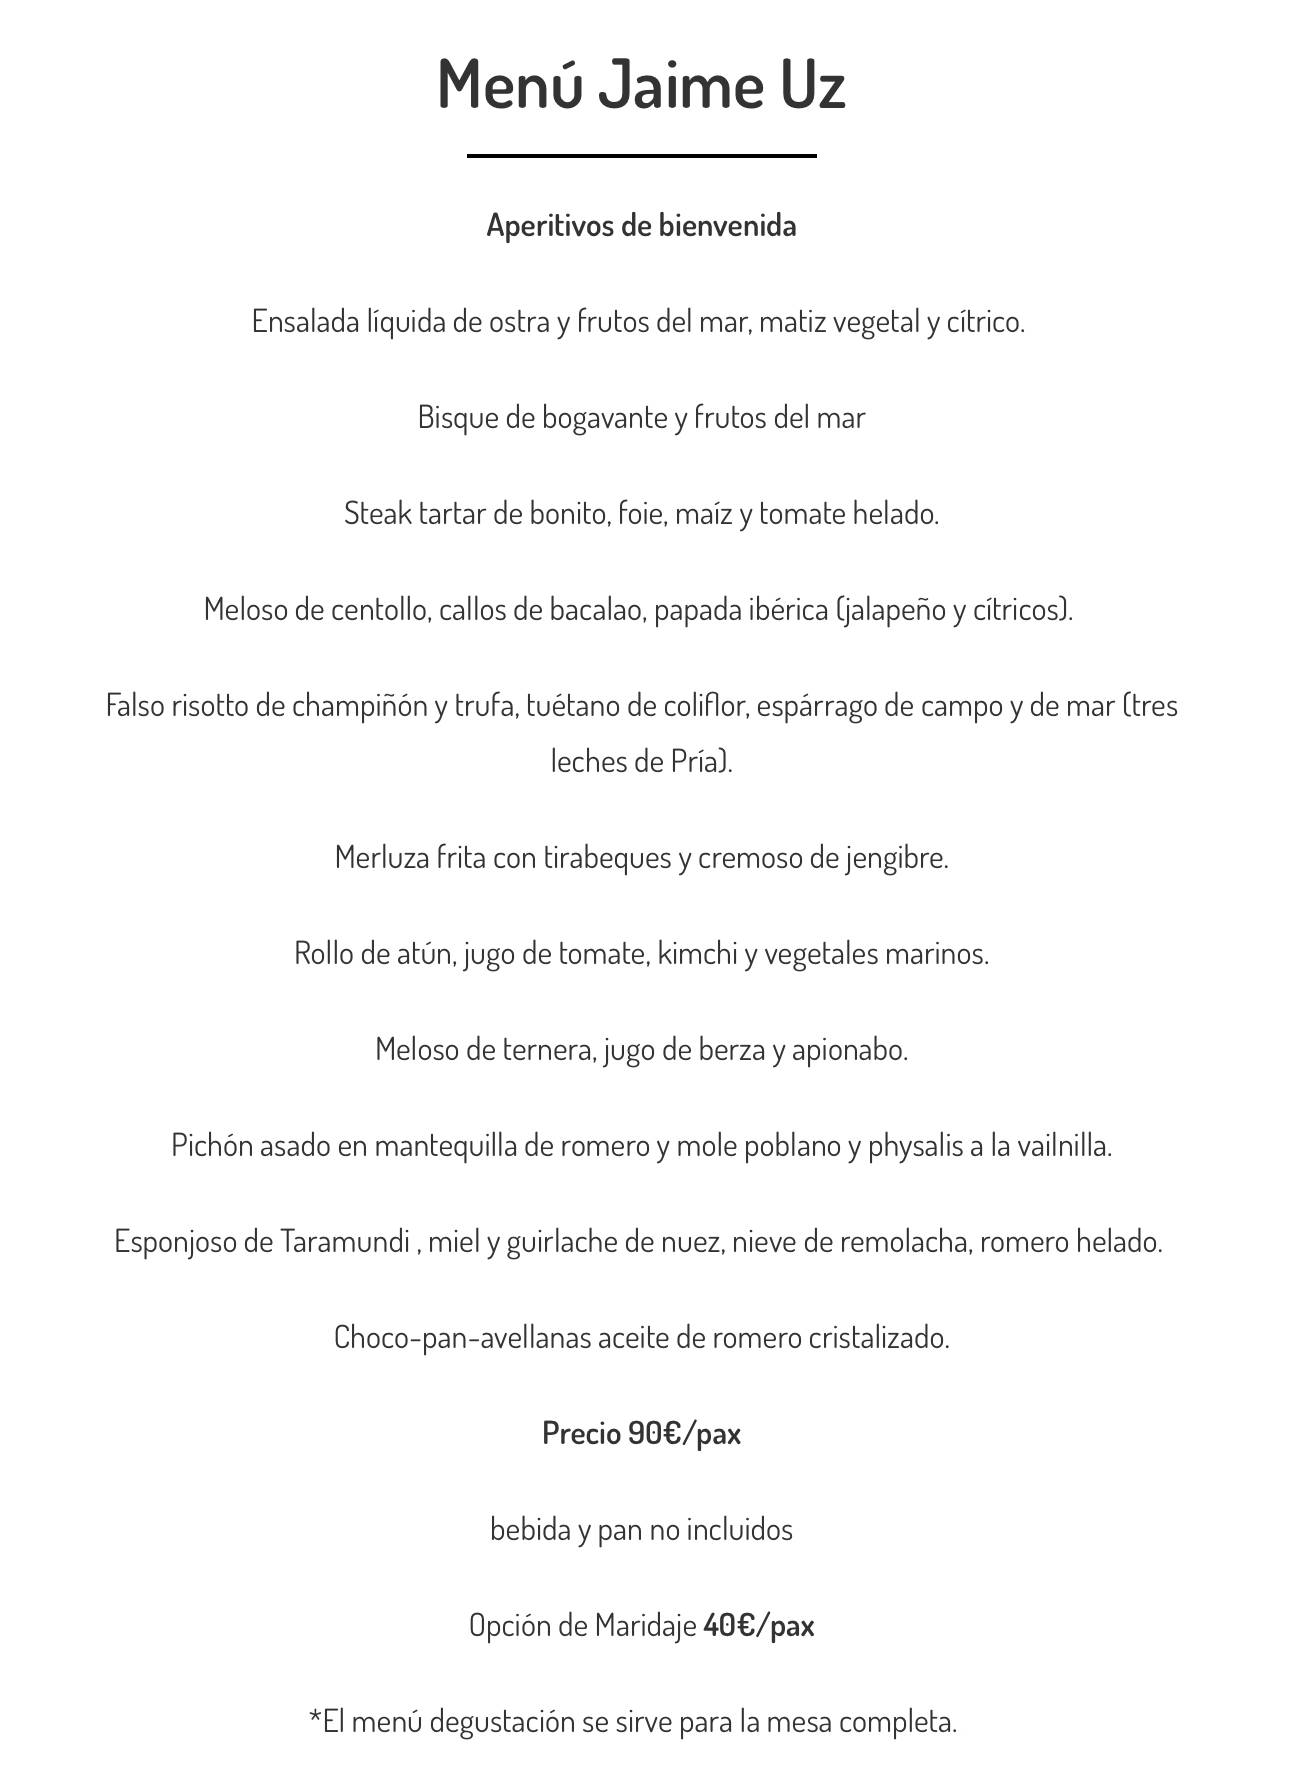 Menu-Jaime-Uz-restaurante-Arbidel-Ribadesella-Asturias-abril-2021